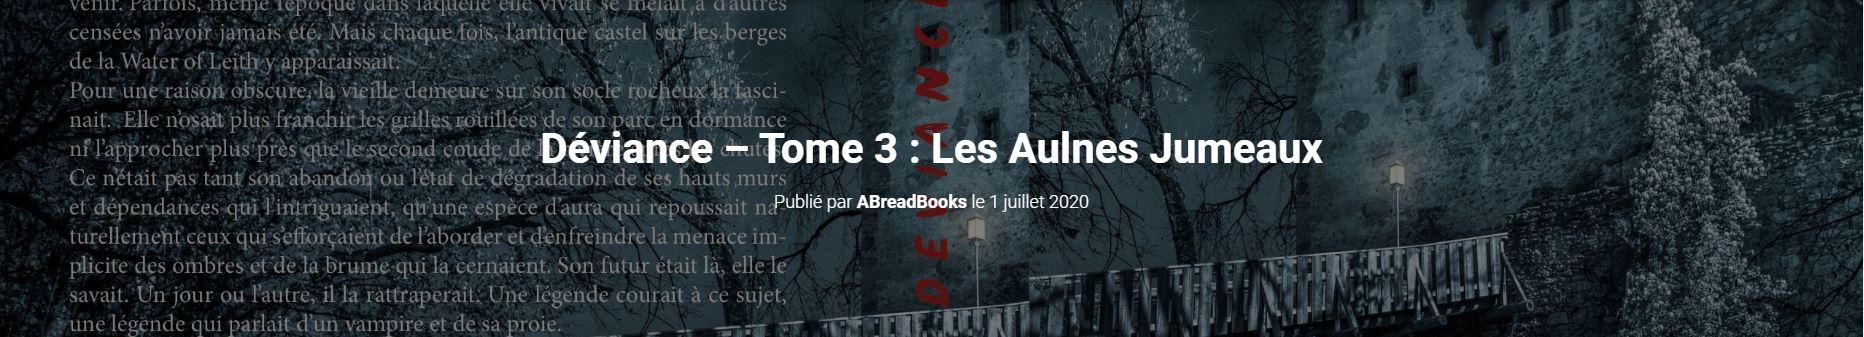 Site Abbey Read - Déviance Les Aulnes Jumeaux